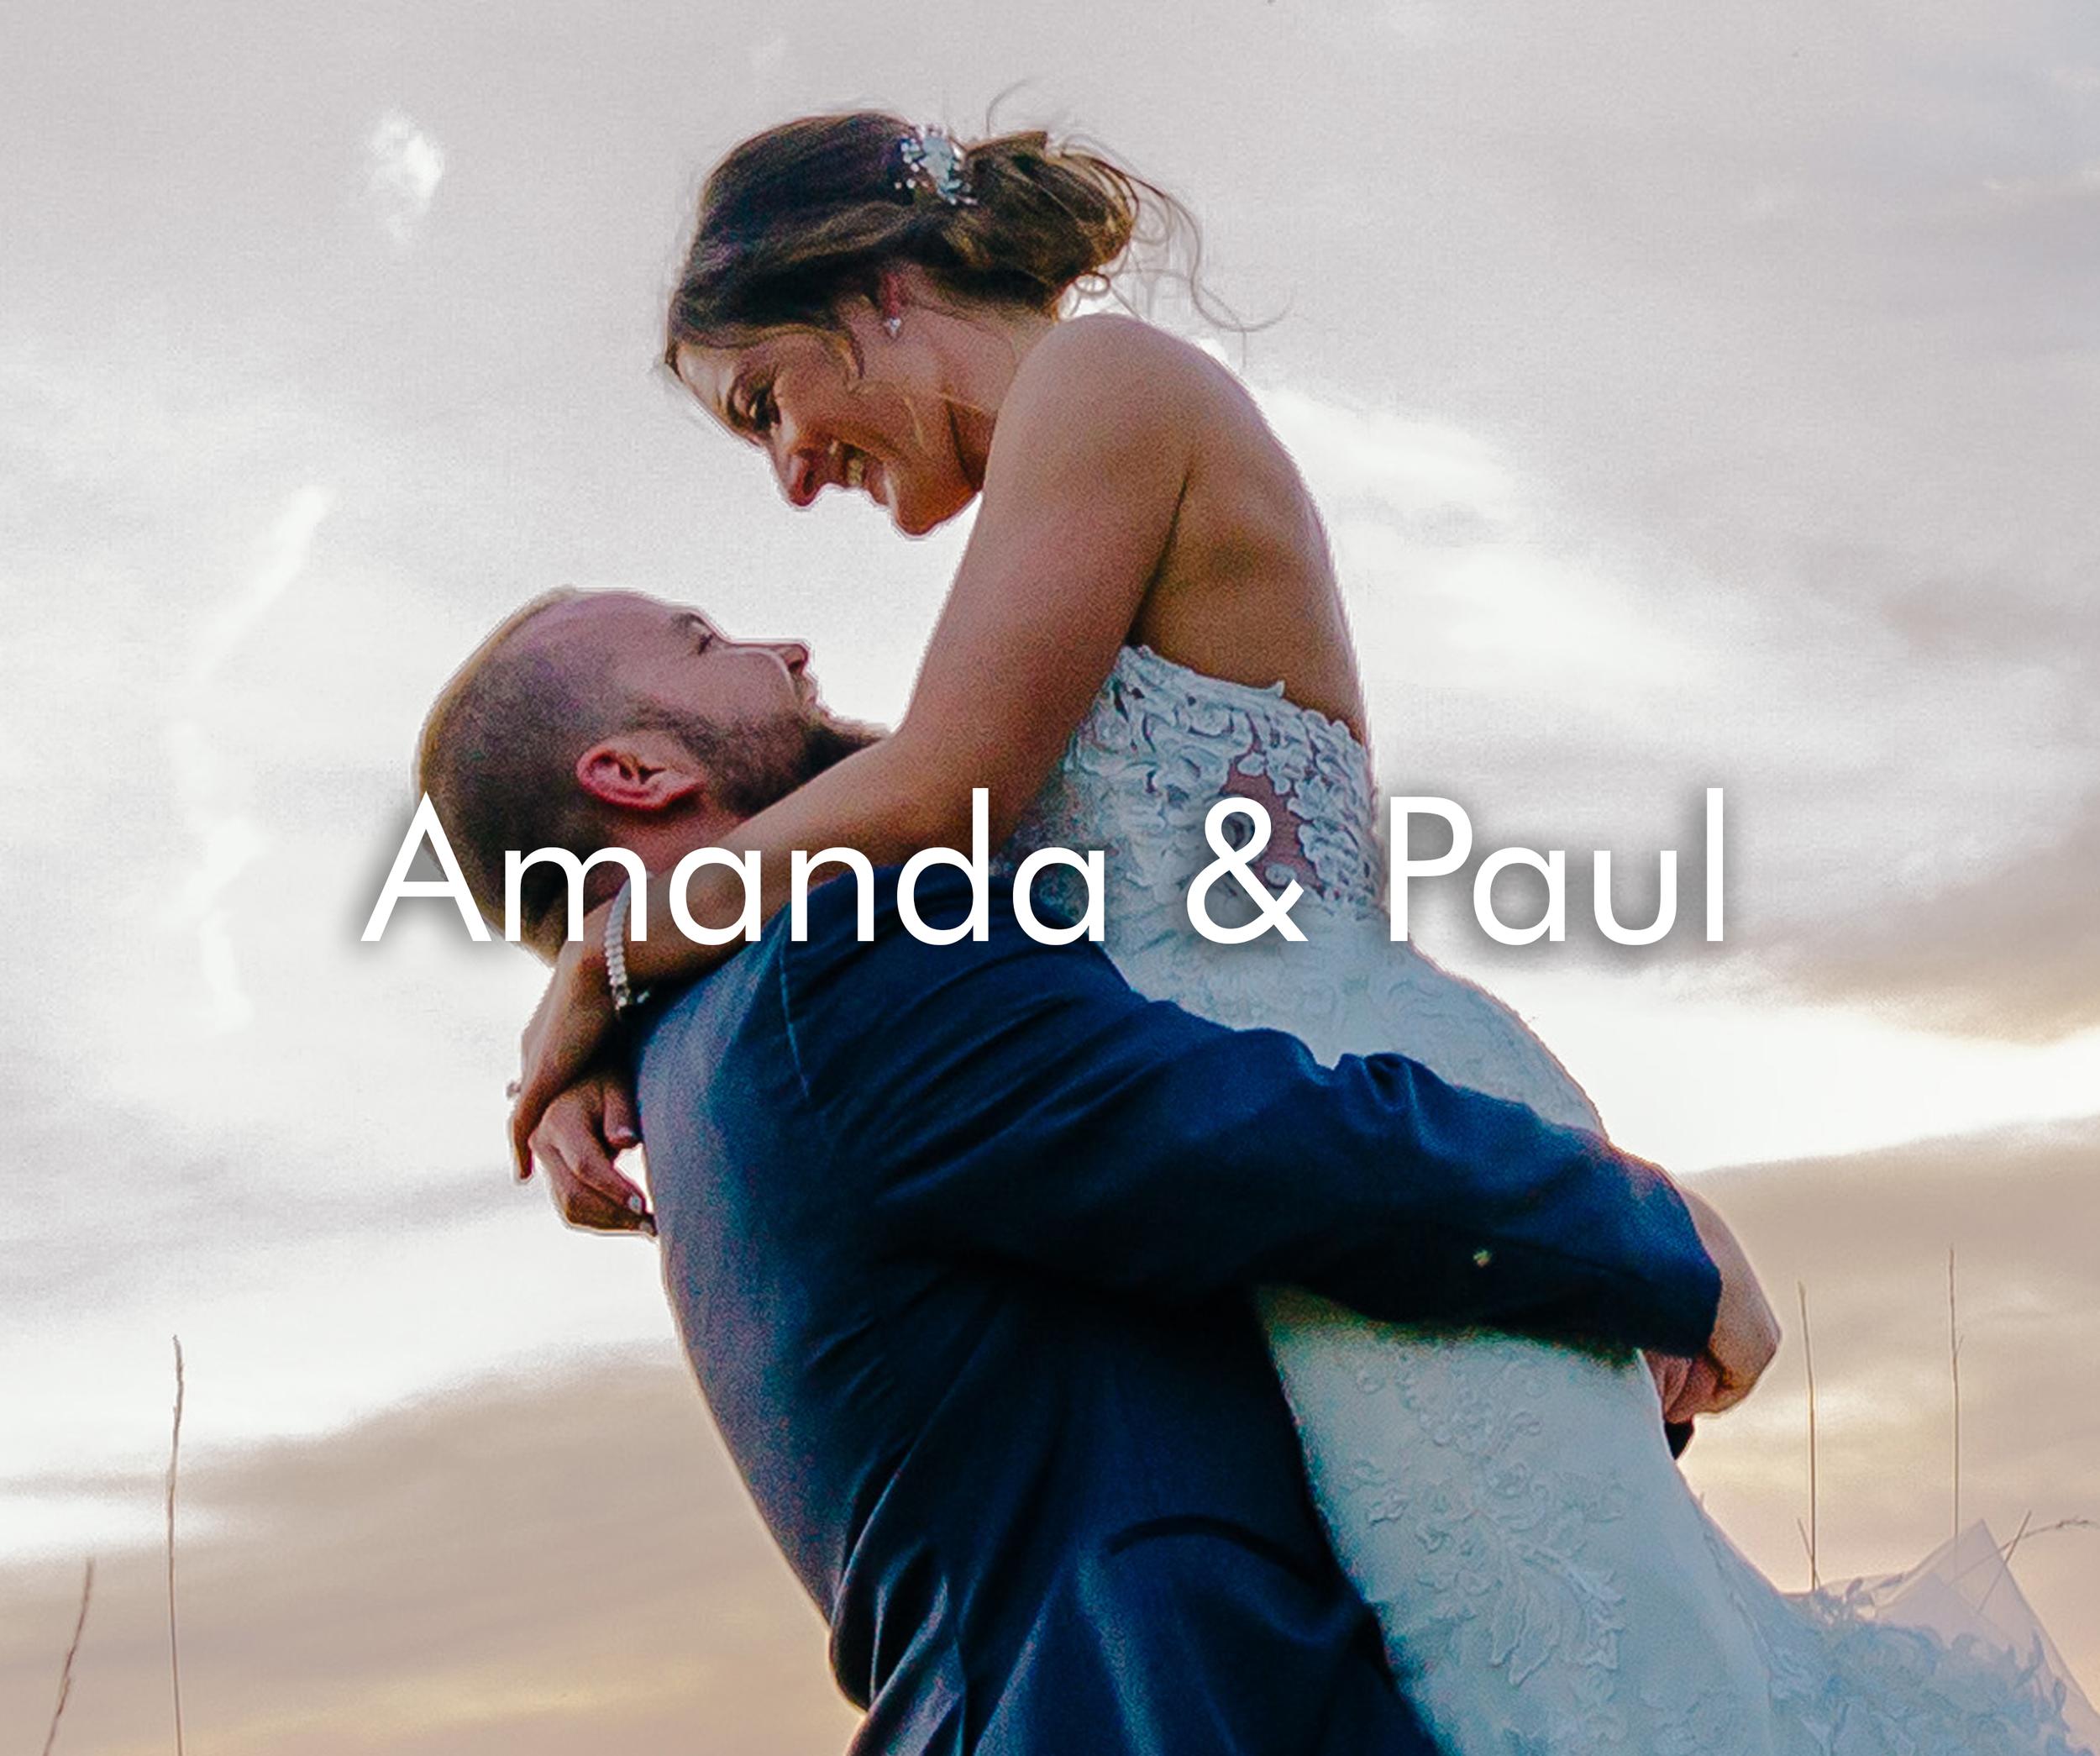 Amanda-and-Paul-Words.png